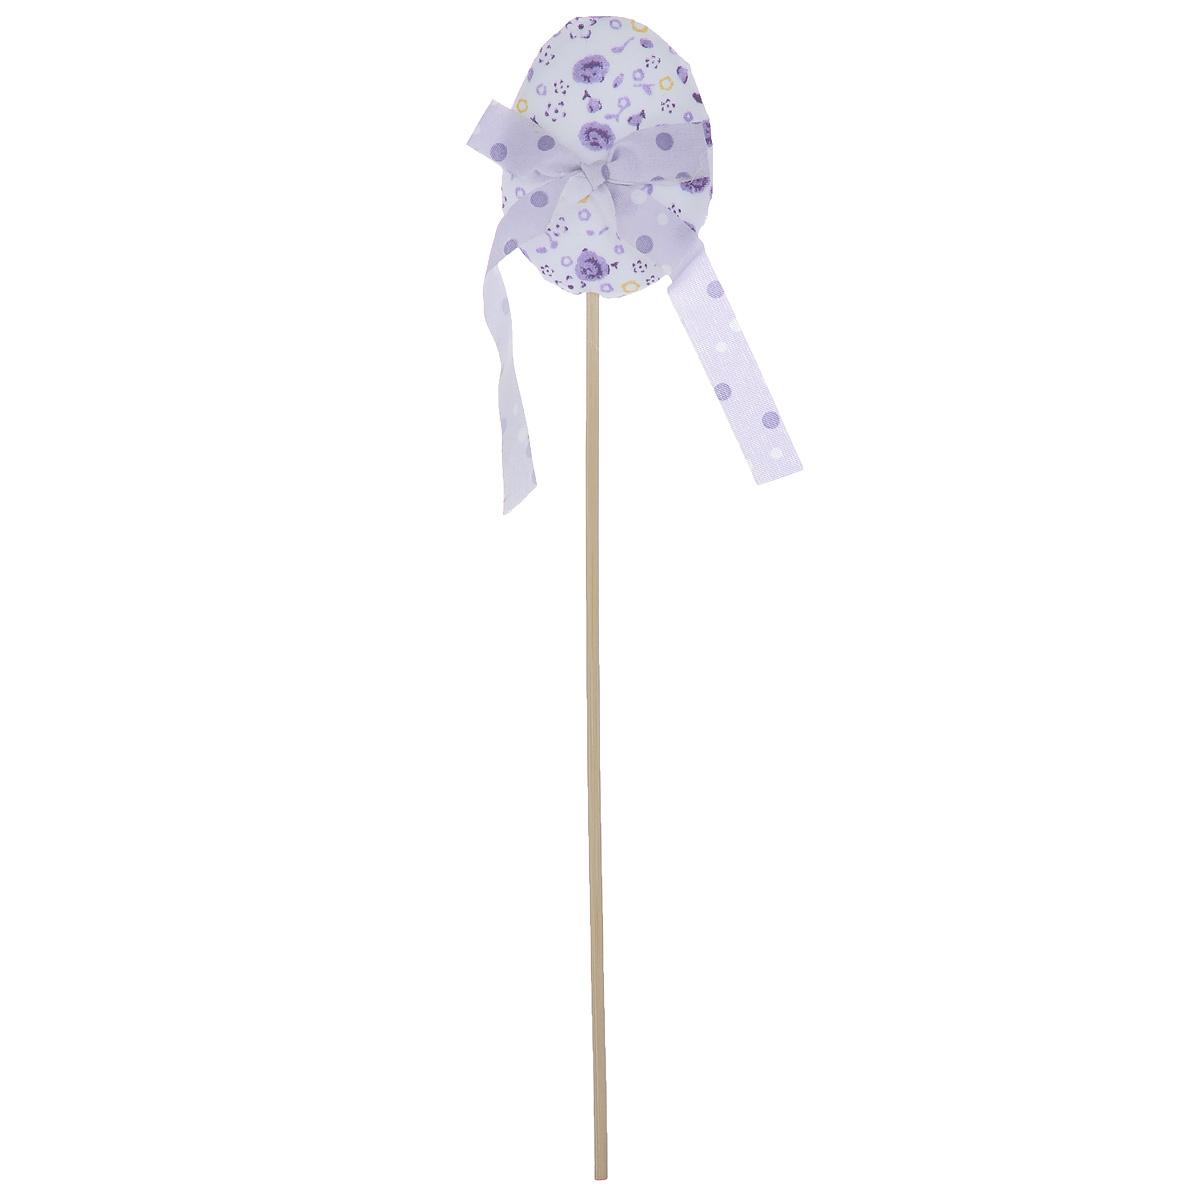 Декоративное пасхальное украшение на ножке Home Queen Яйцо с лентой, цвет: сиреневый, белый, высота 26 см украшение на ножке village people приветливая бабочка высота 50 см